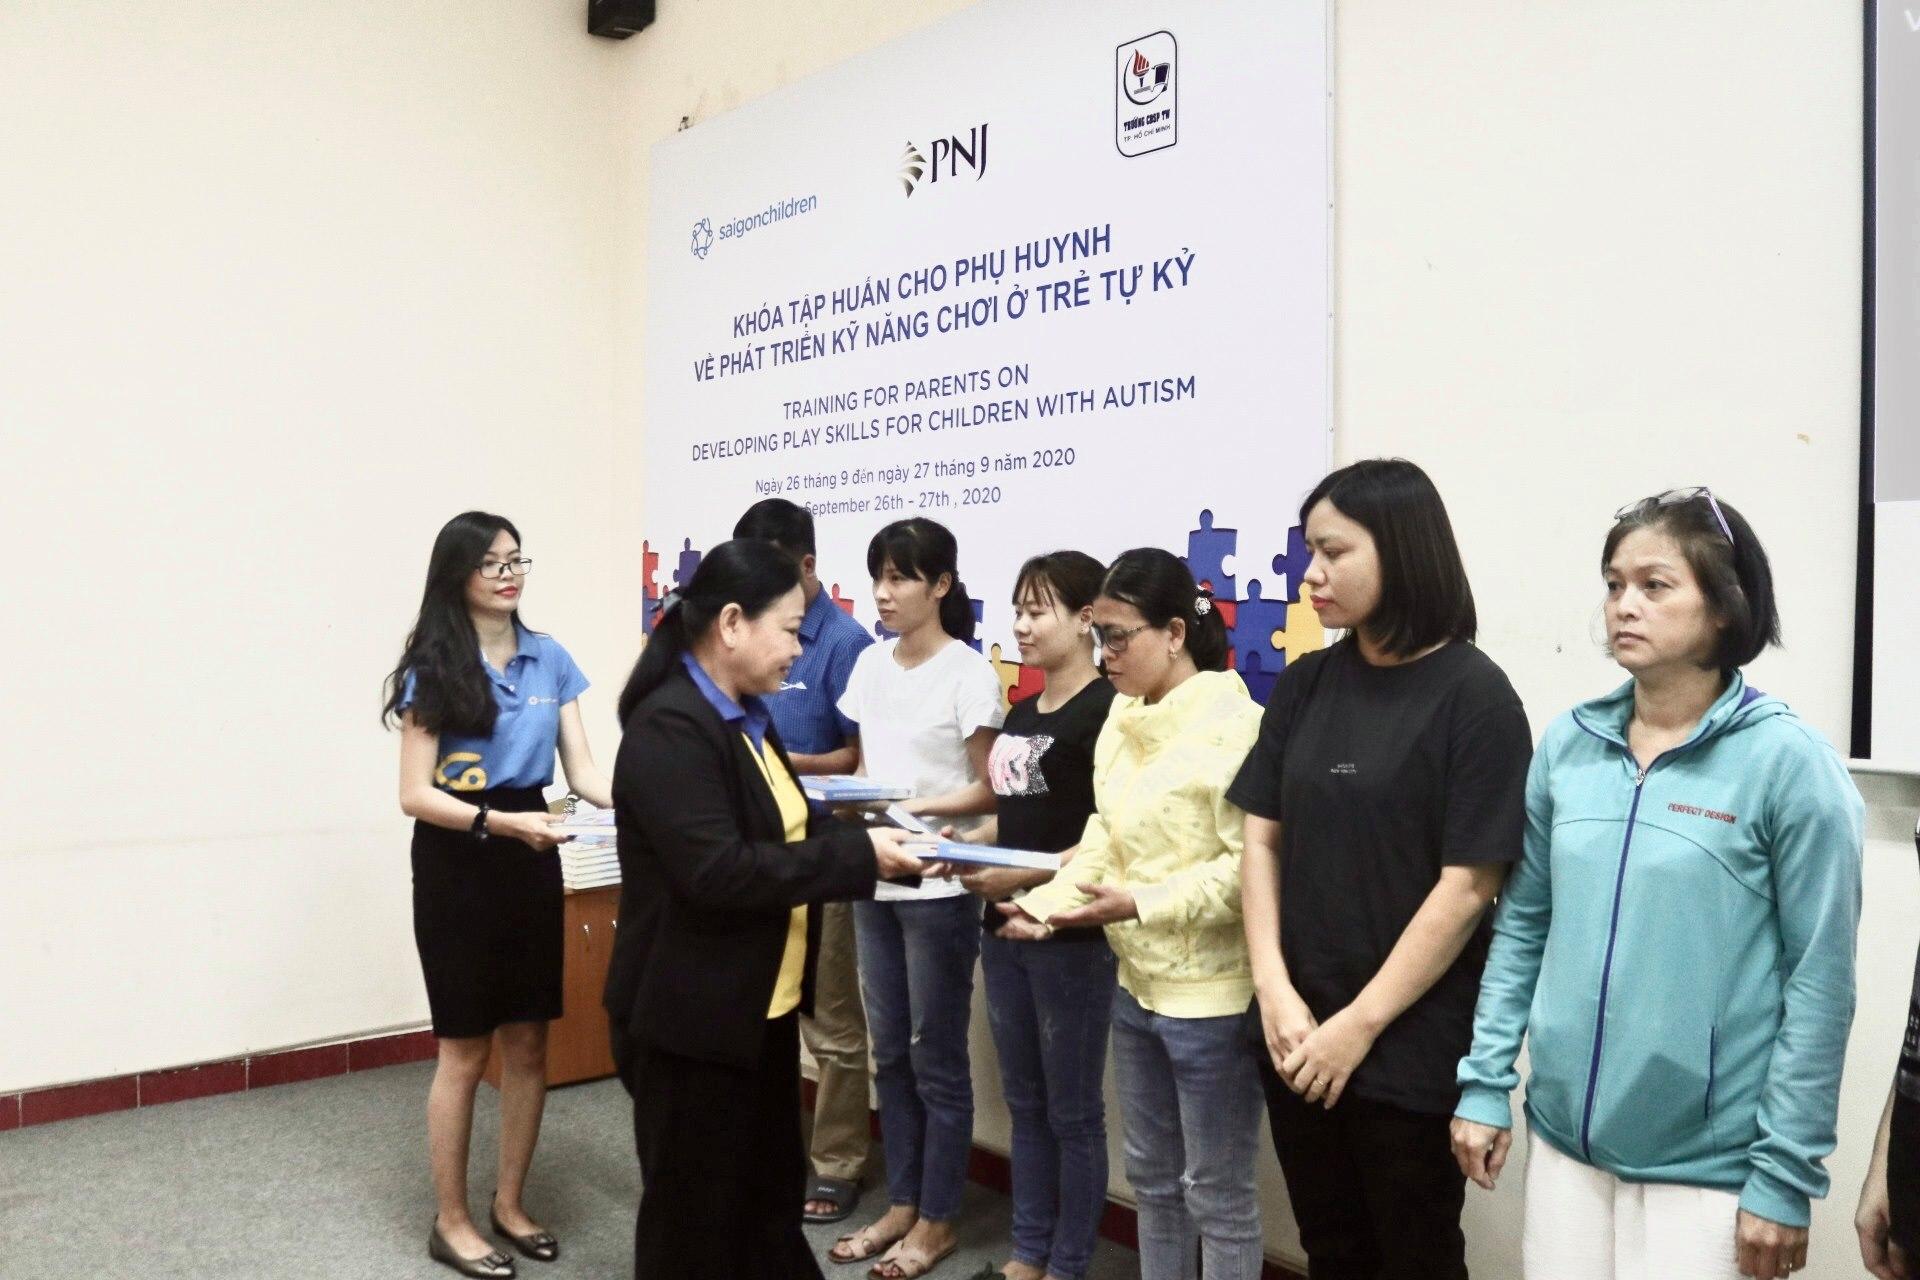 PNJ trao tặng cho các phụ huynh bộ tài liệu hỗ trợ và phục hồi chức năng cho trẻ em tự kỷ tại Việt Nam 4